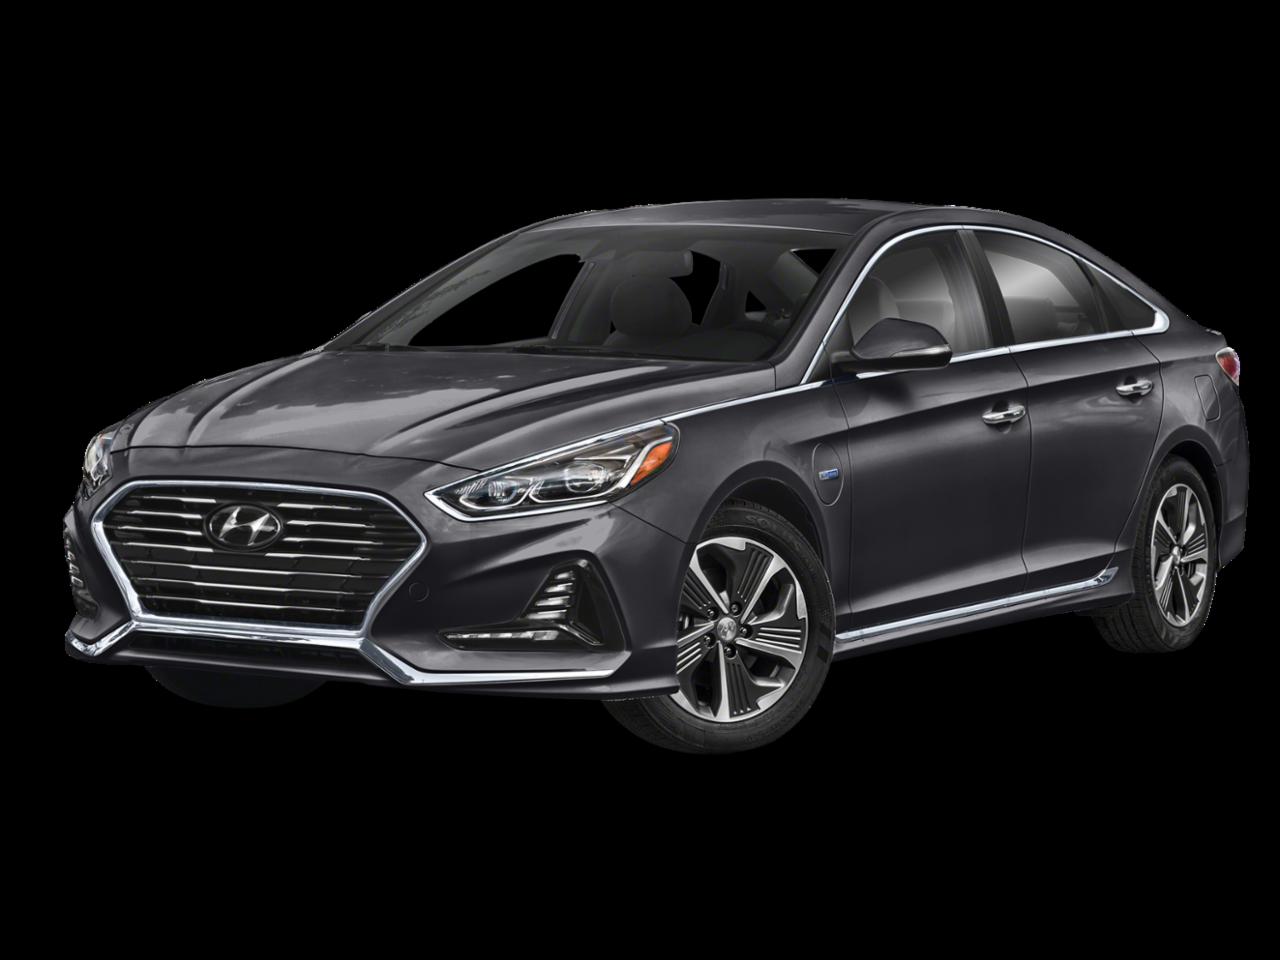 Hyundai 2019 Sonata Plug-In Hybrid 2.0L